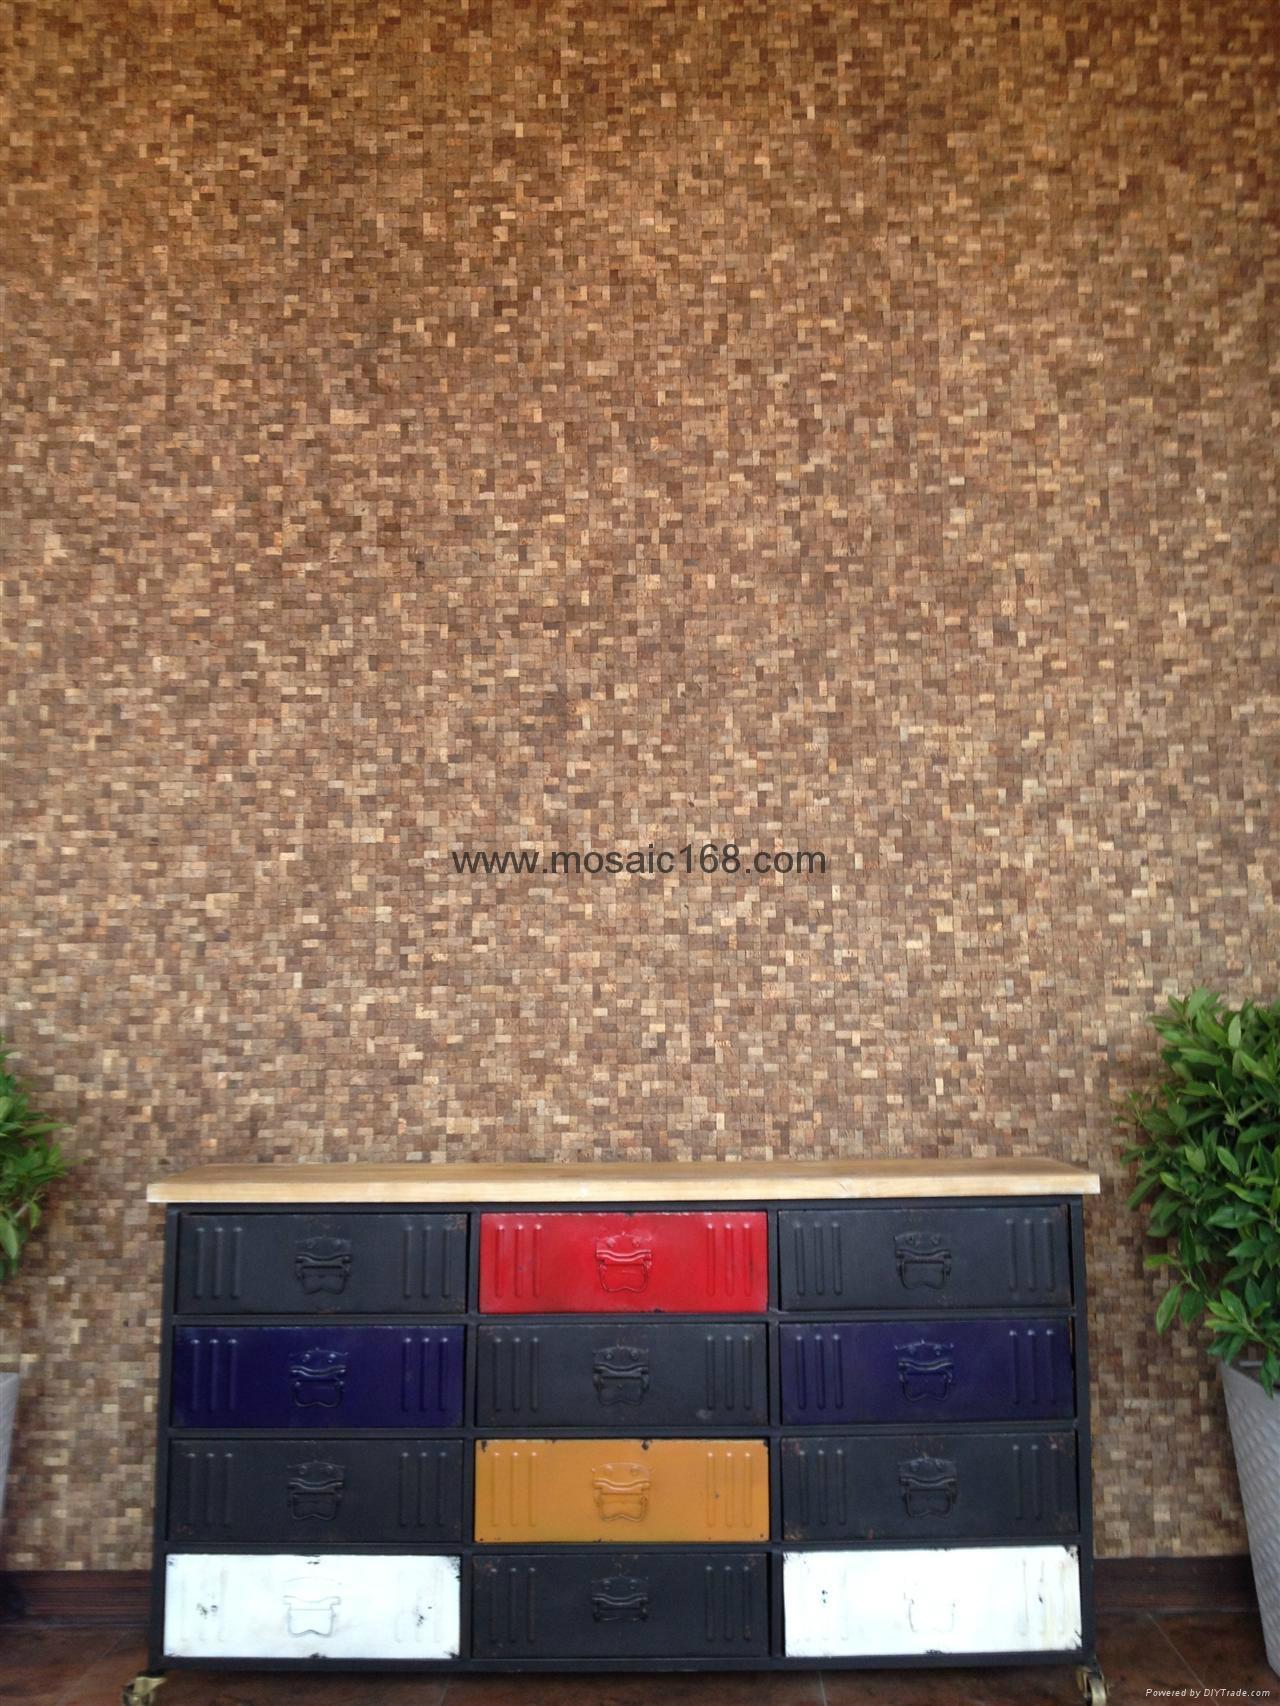 椰壳马赛克家具面板 5